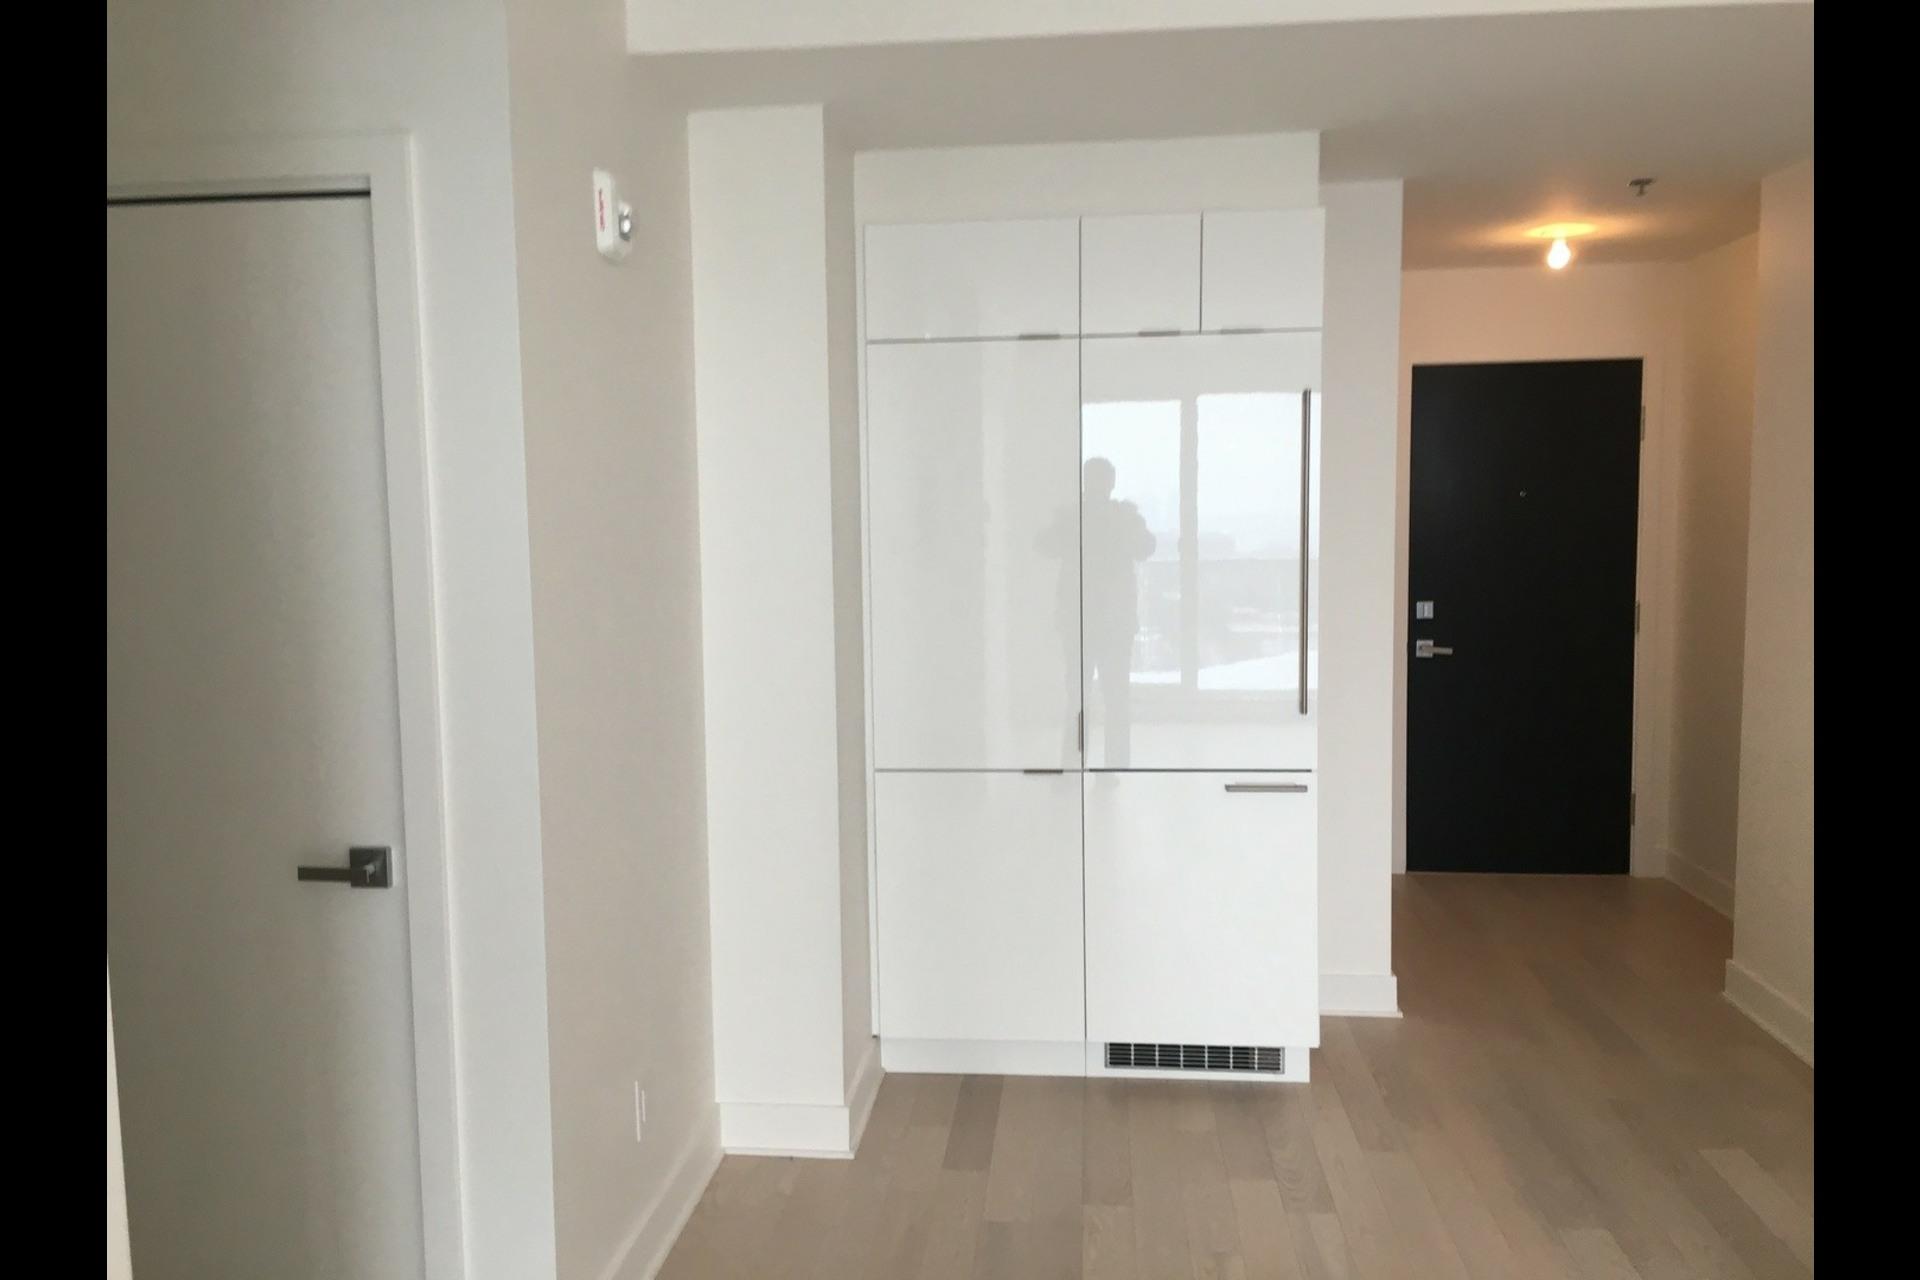 image 2 - Condo For rent Montréal Ville-Marie (Centre-ville) - 3 rooms